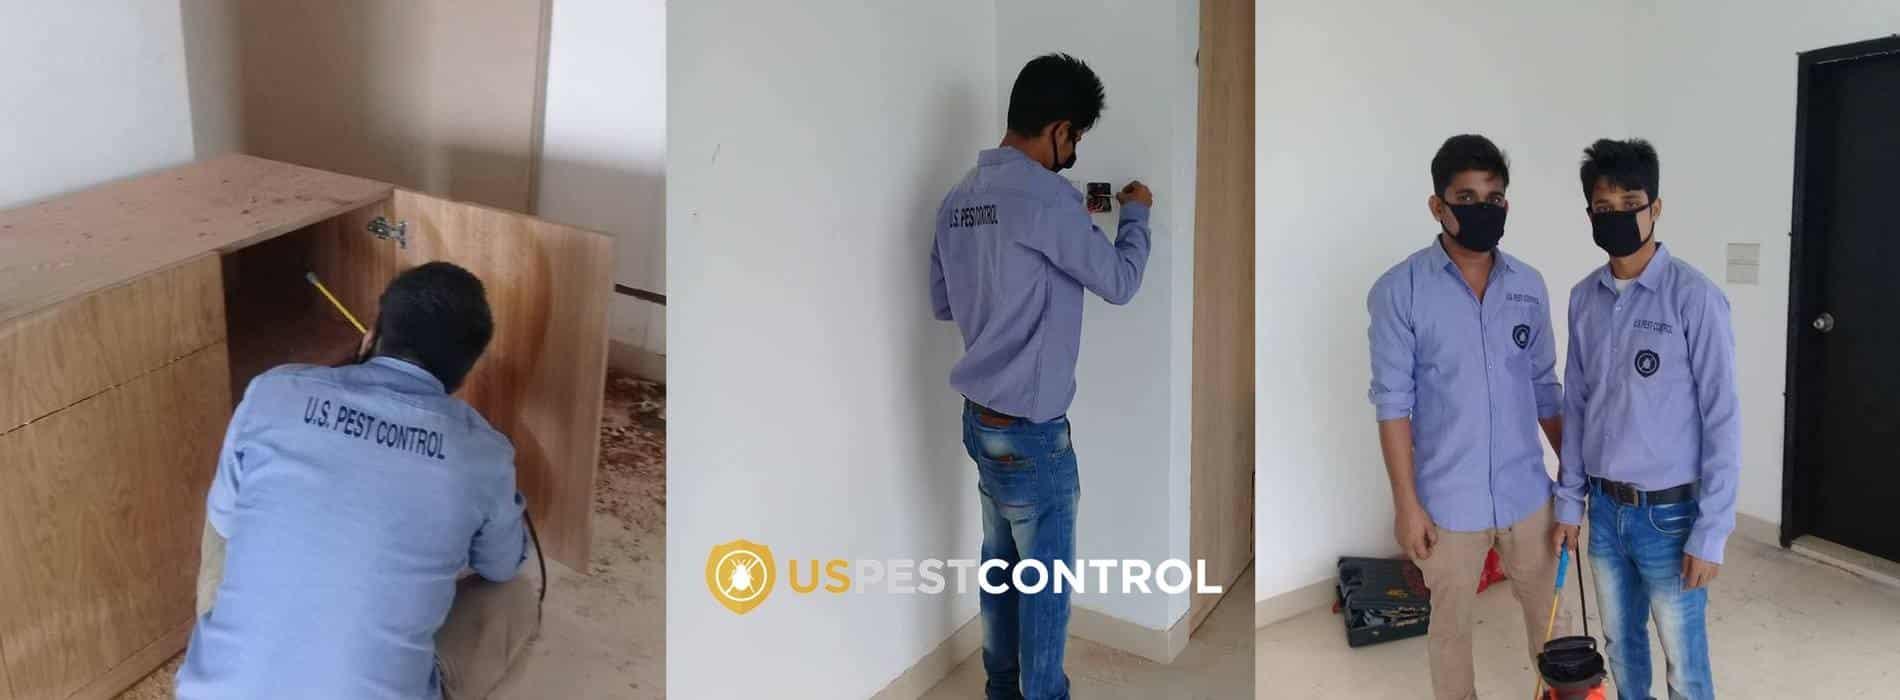 termite control in dhaka